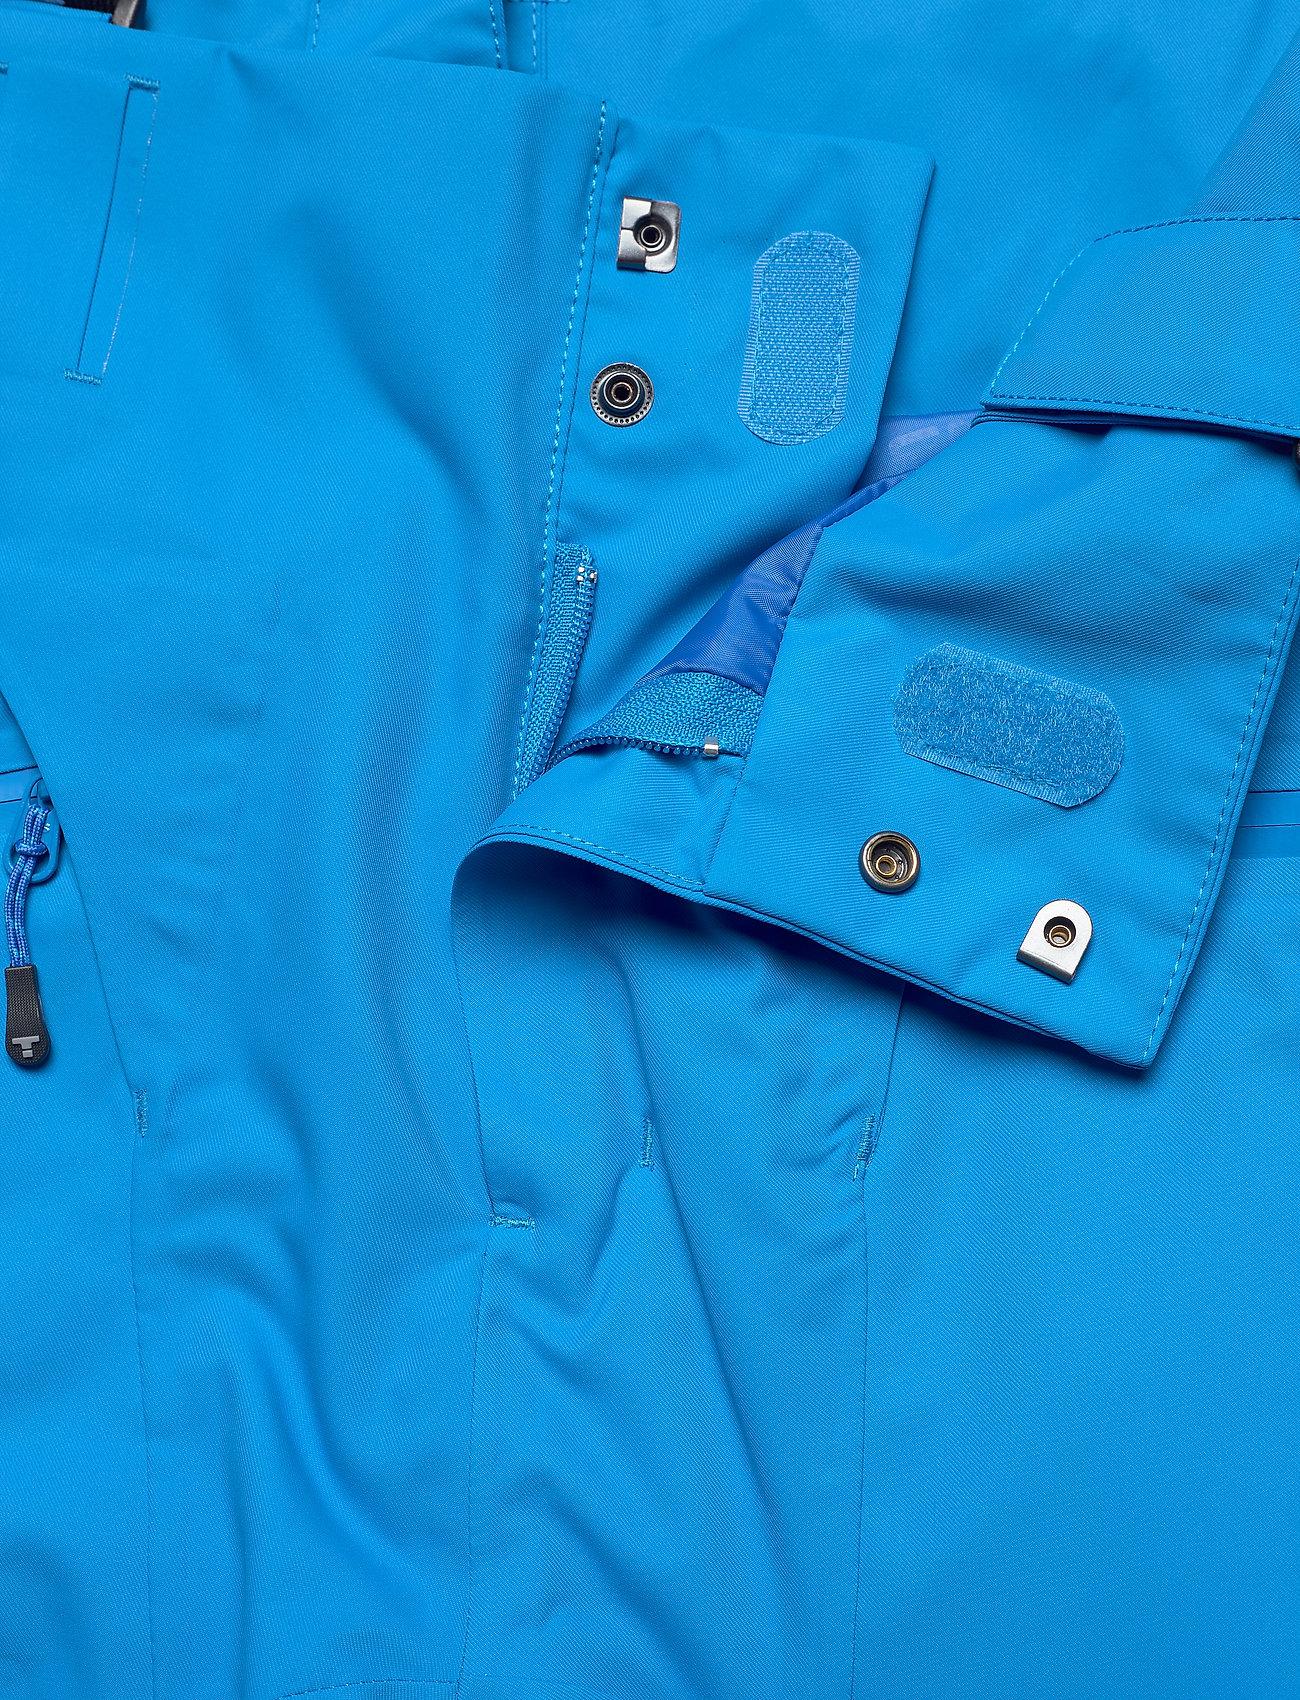 Tenson Buck Race - Bukser BLUE - Menn Klær